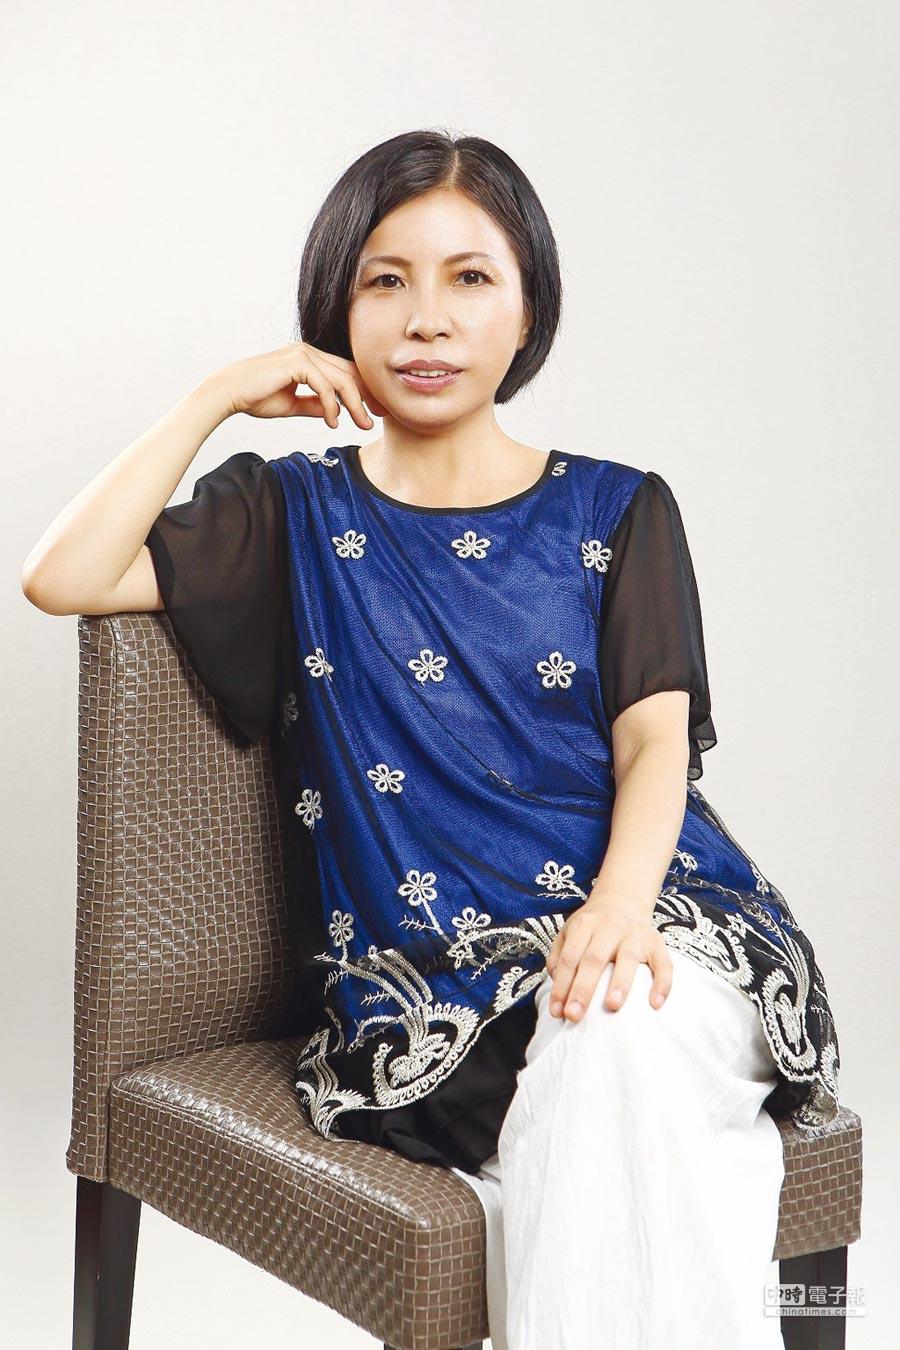 中華核心轉化教育發展協會創辦人丁美月。圖/協會提供